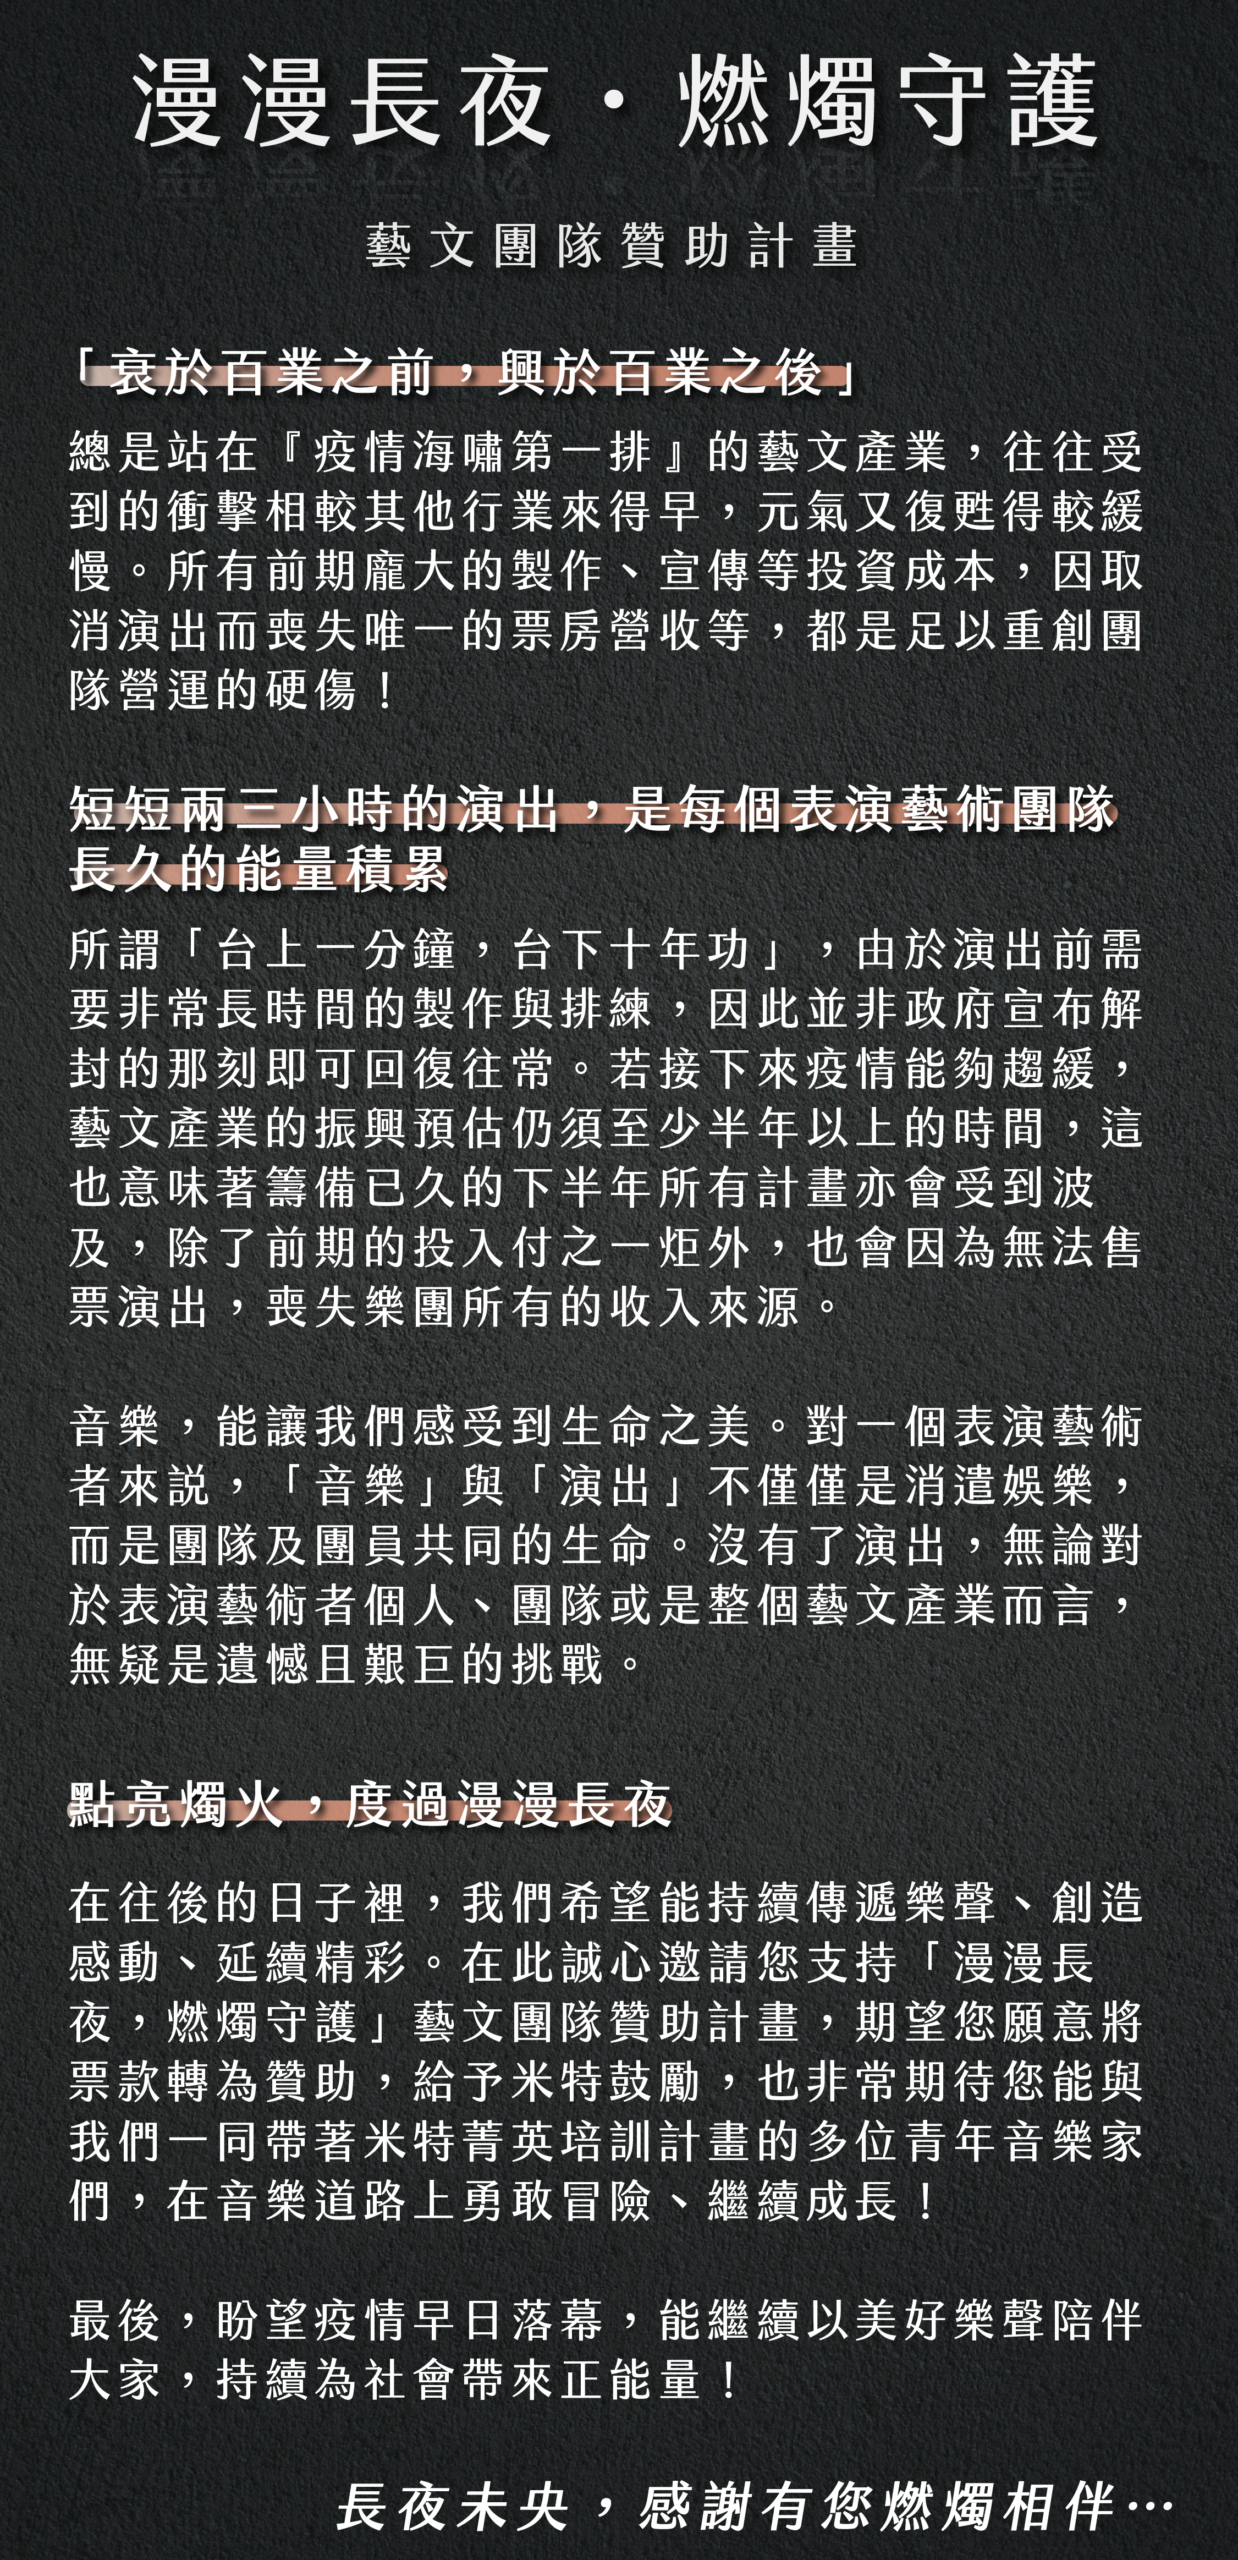 【漫漫長夜・燃燭守護】藝文團隊贊助計畫